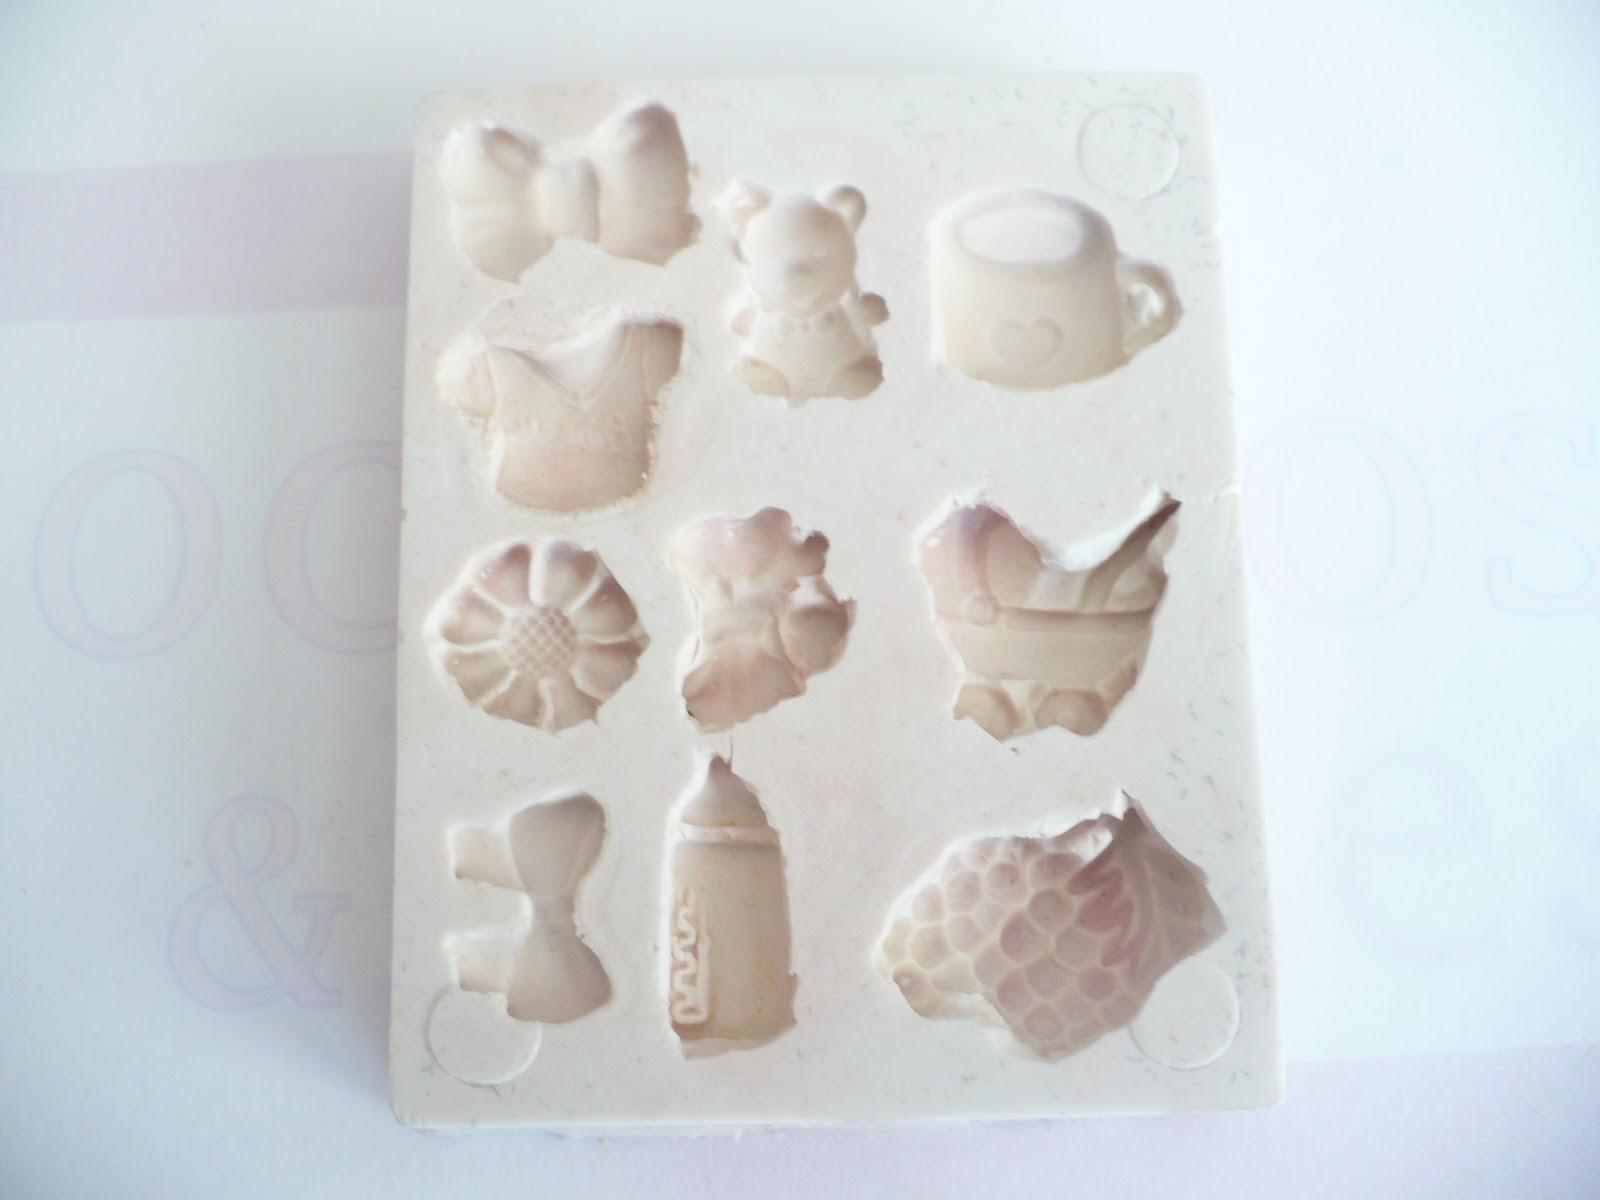 moldes de caucho silicon para adornar bocaditos o dulces de baby